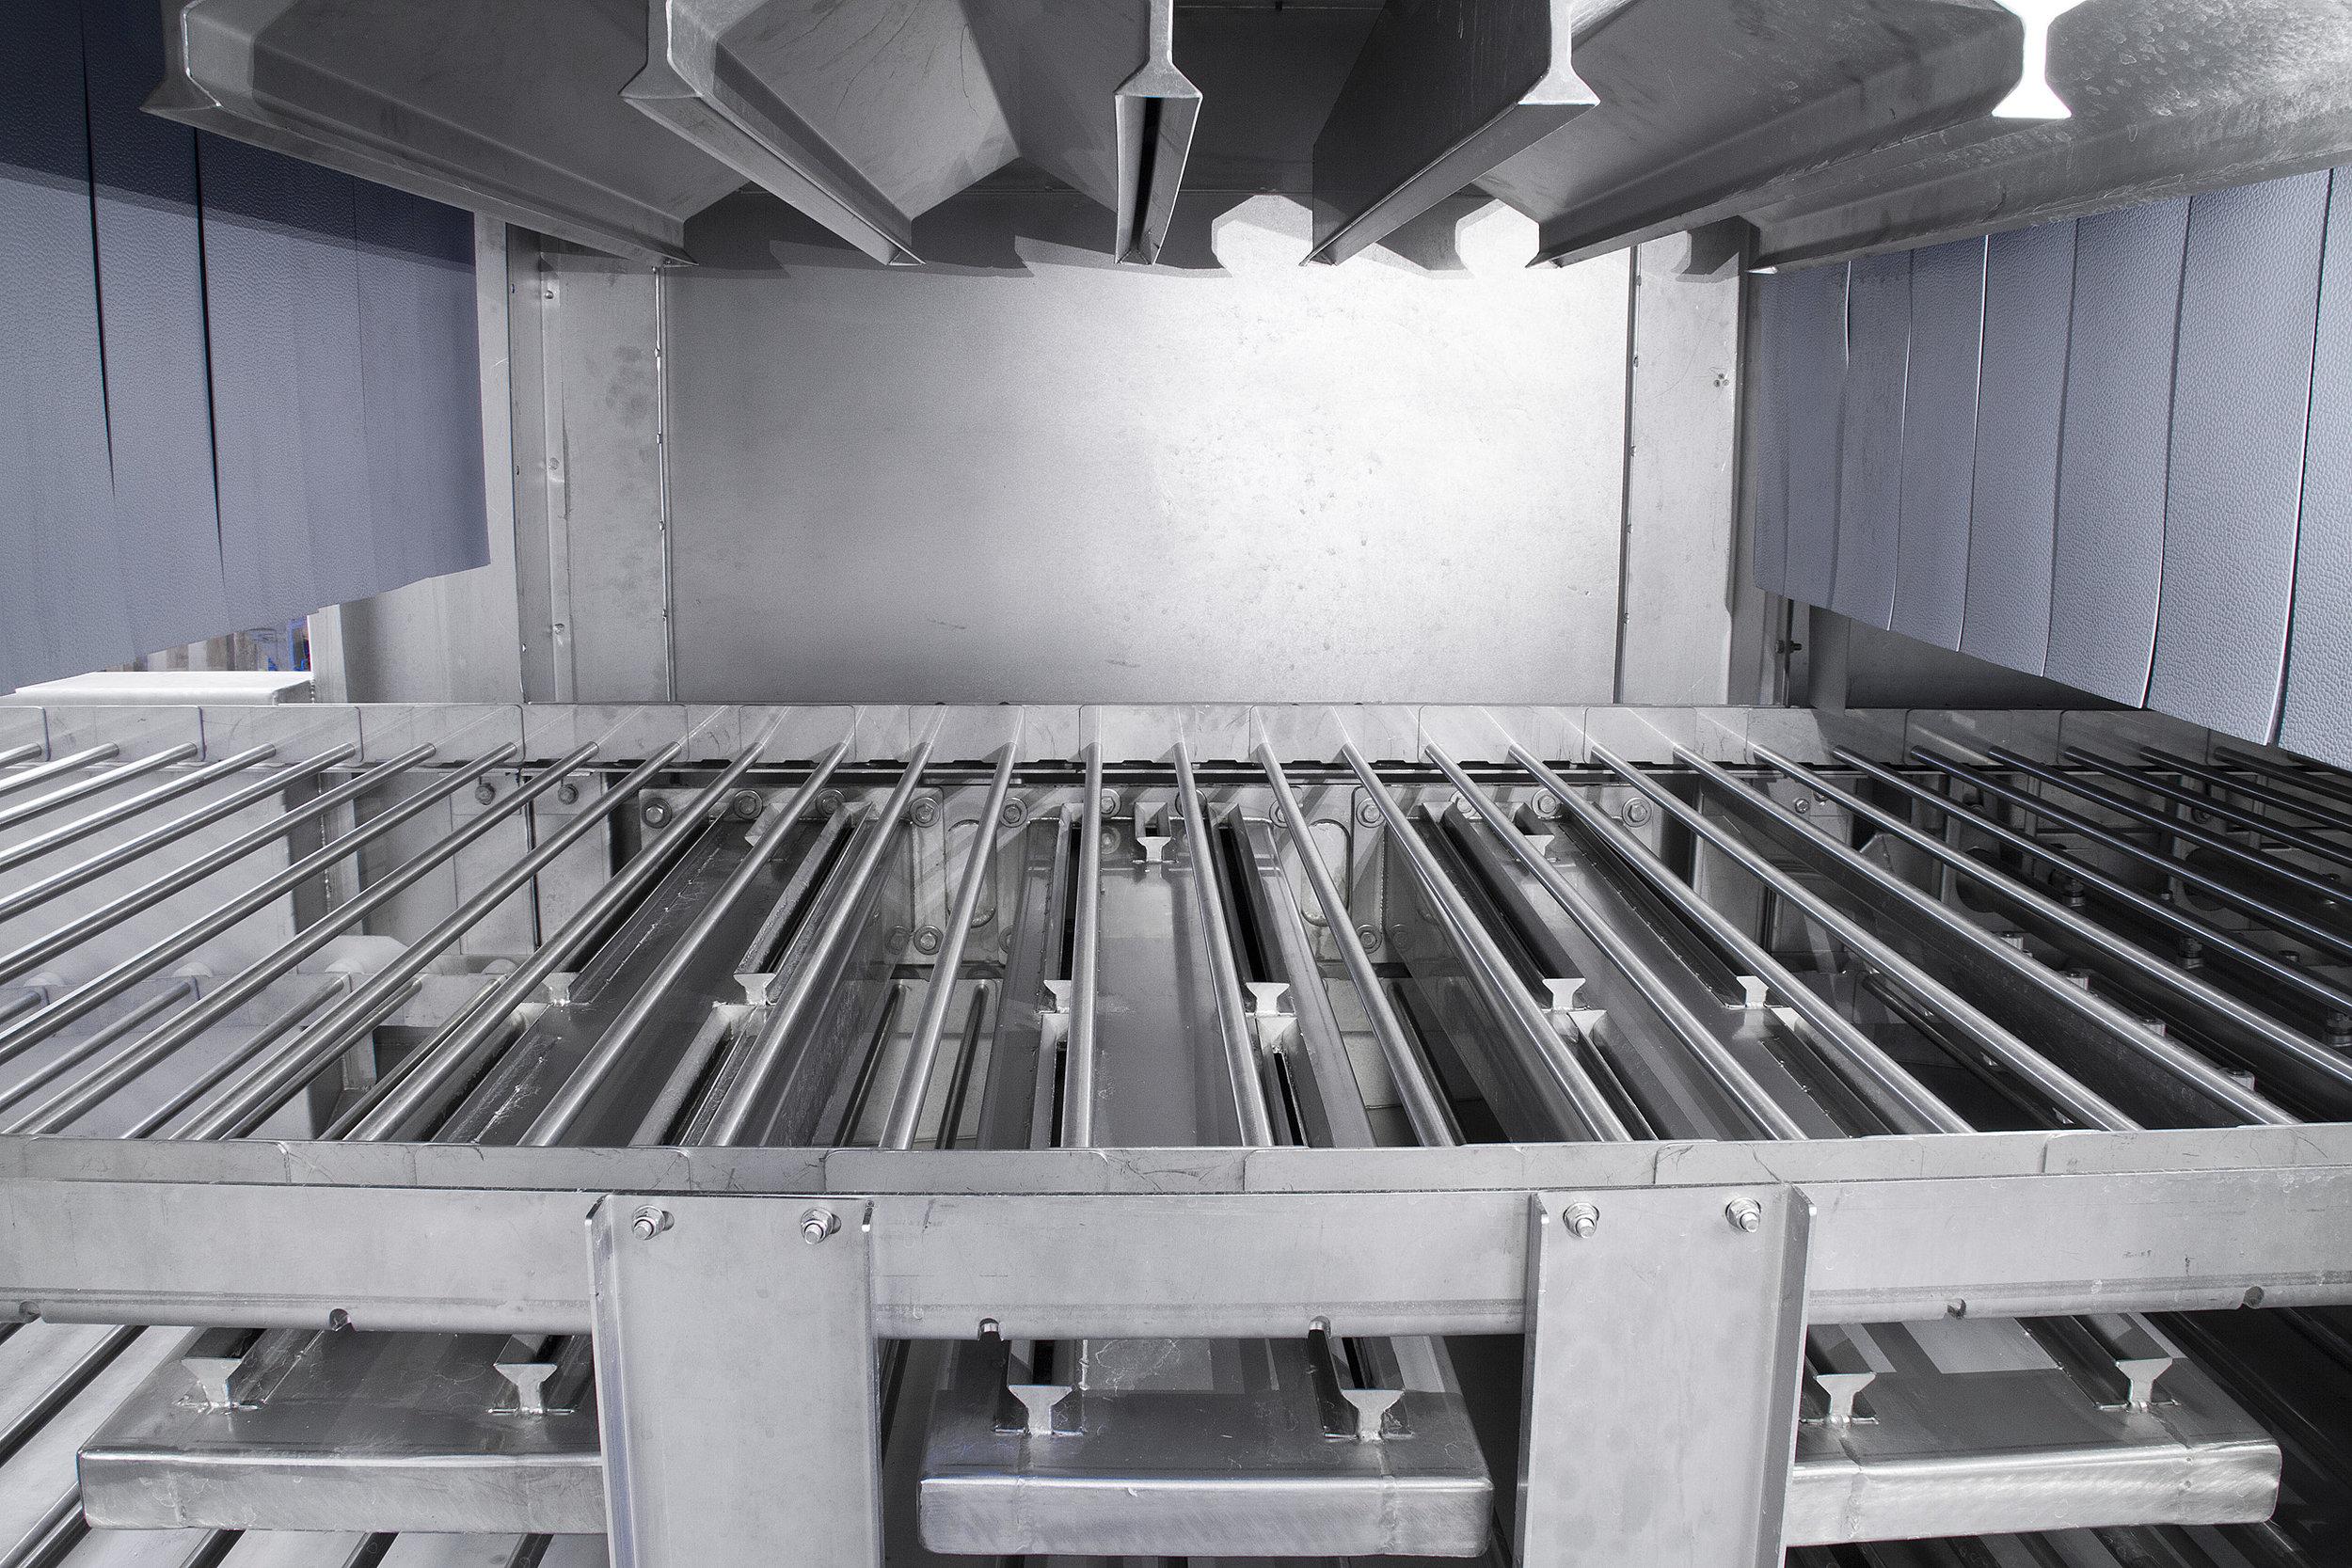 AC 3500 drying chamber_1.jpg